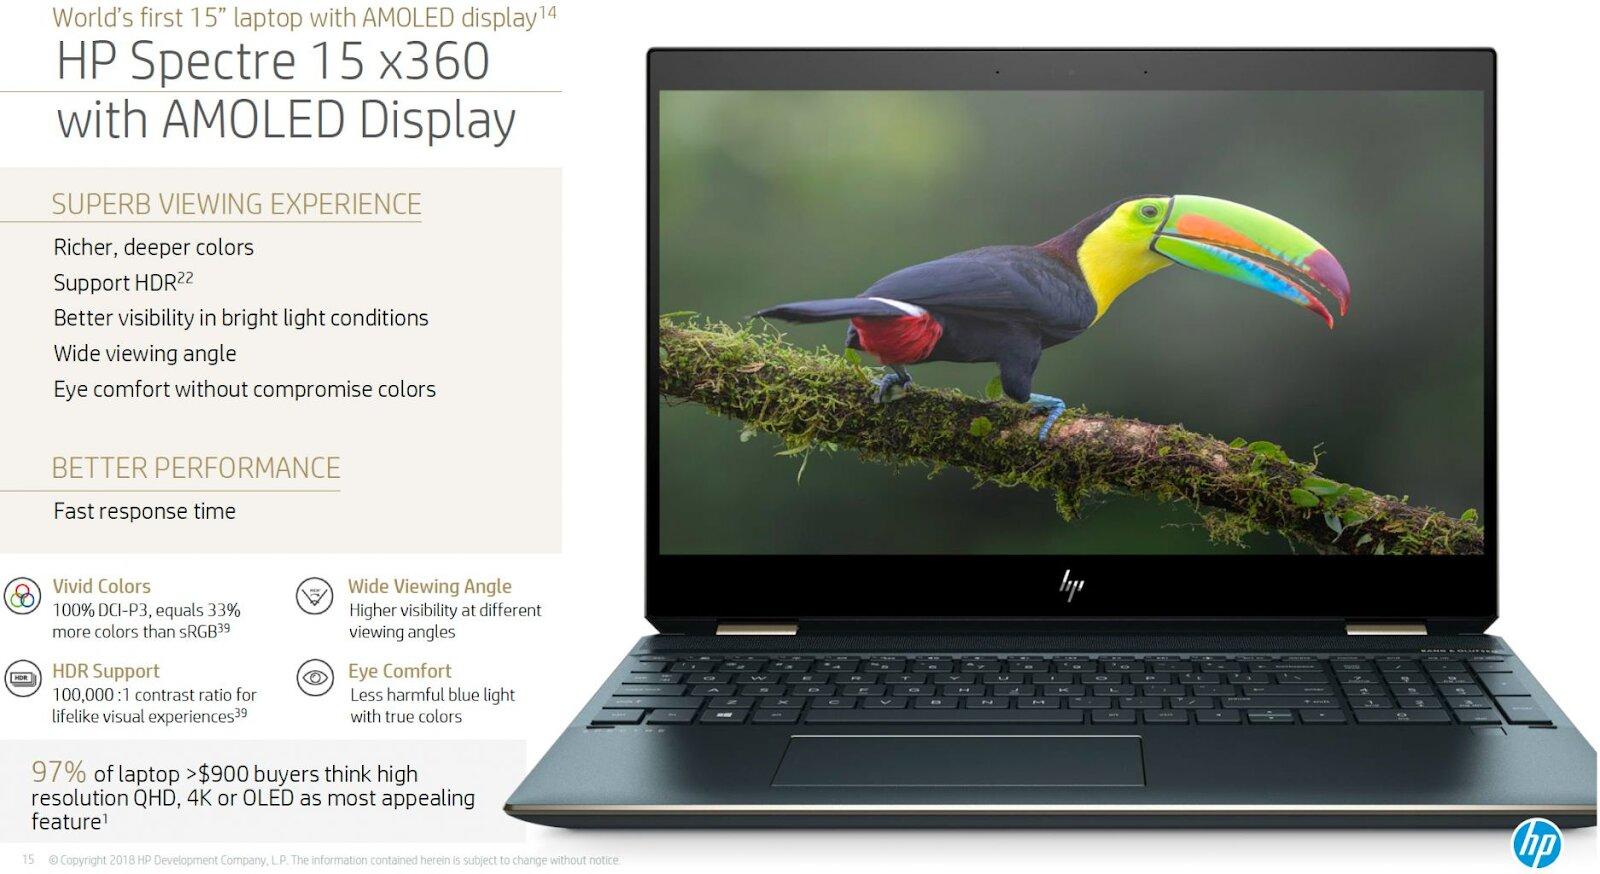 HP Spectre X360 mang lại trải nghiệm hình ảnh chất lượng, sắc nét